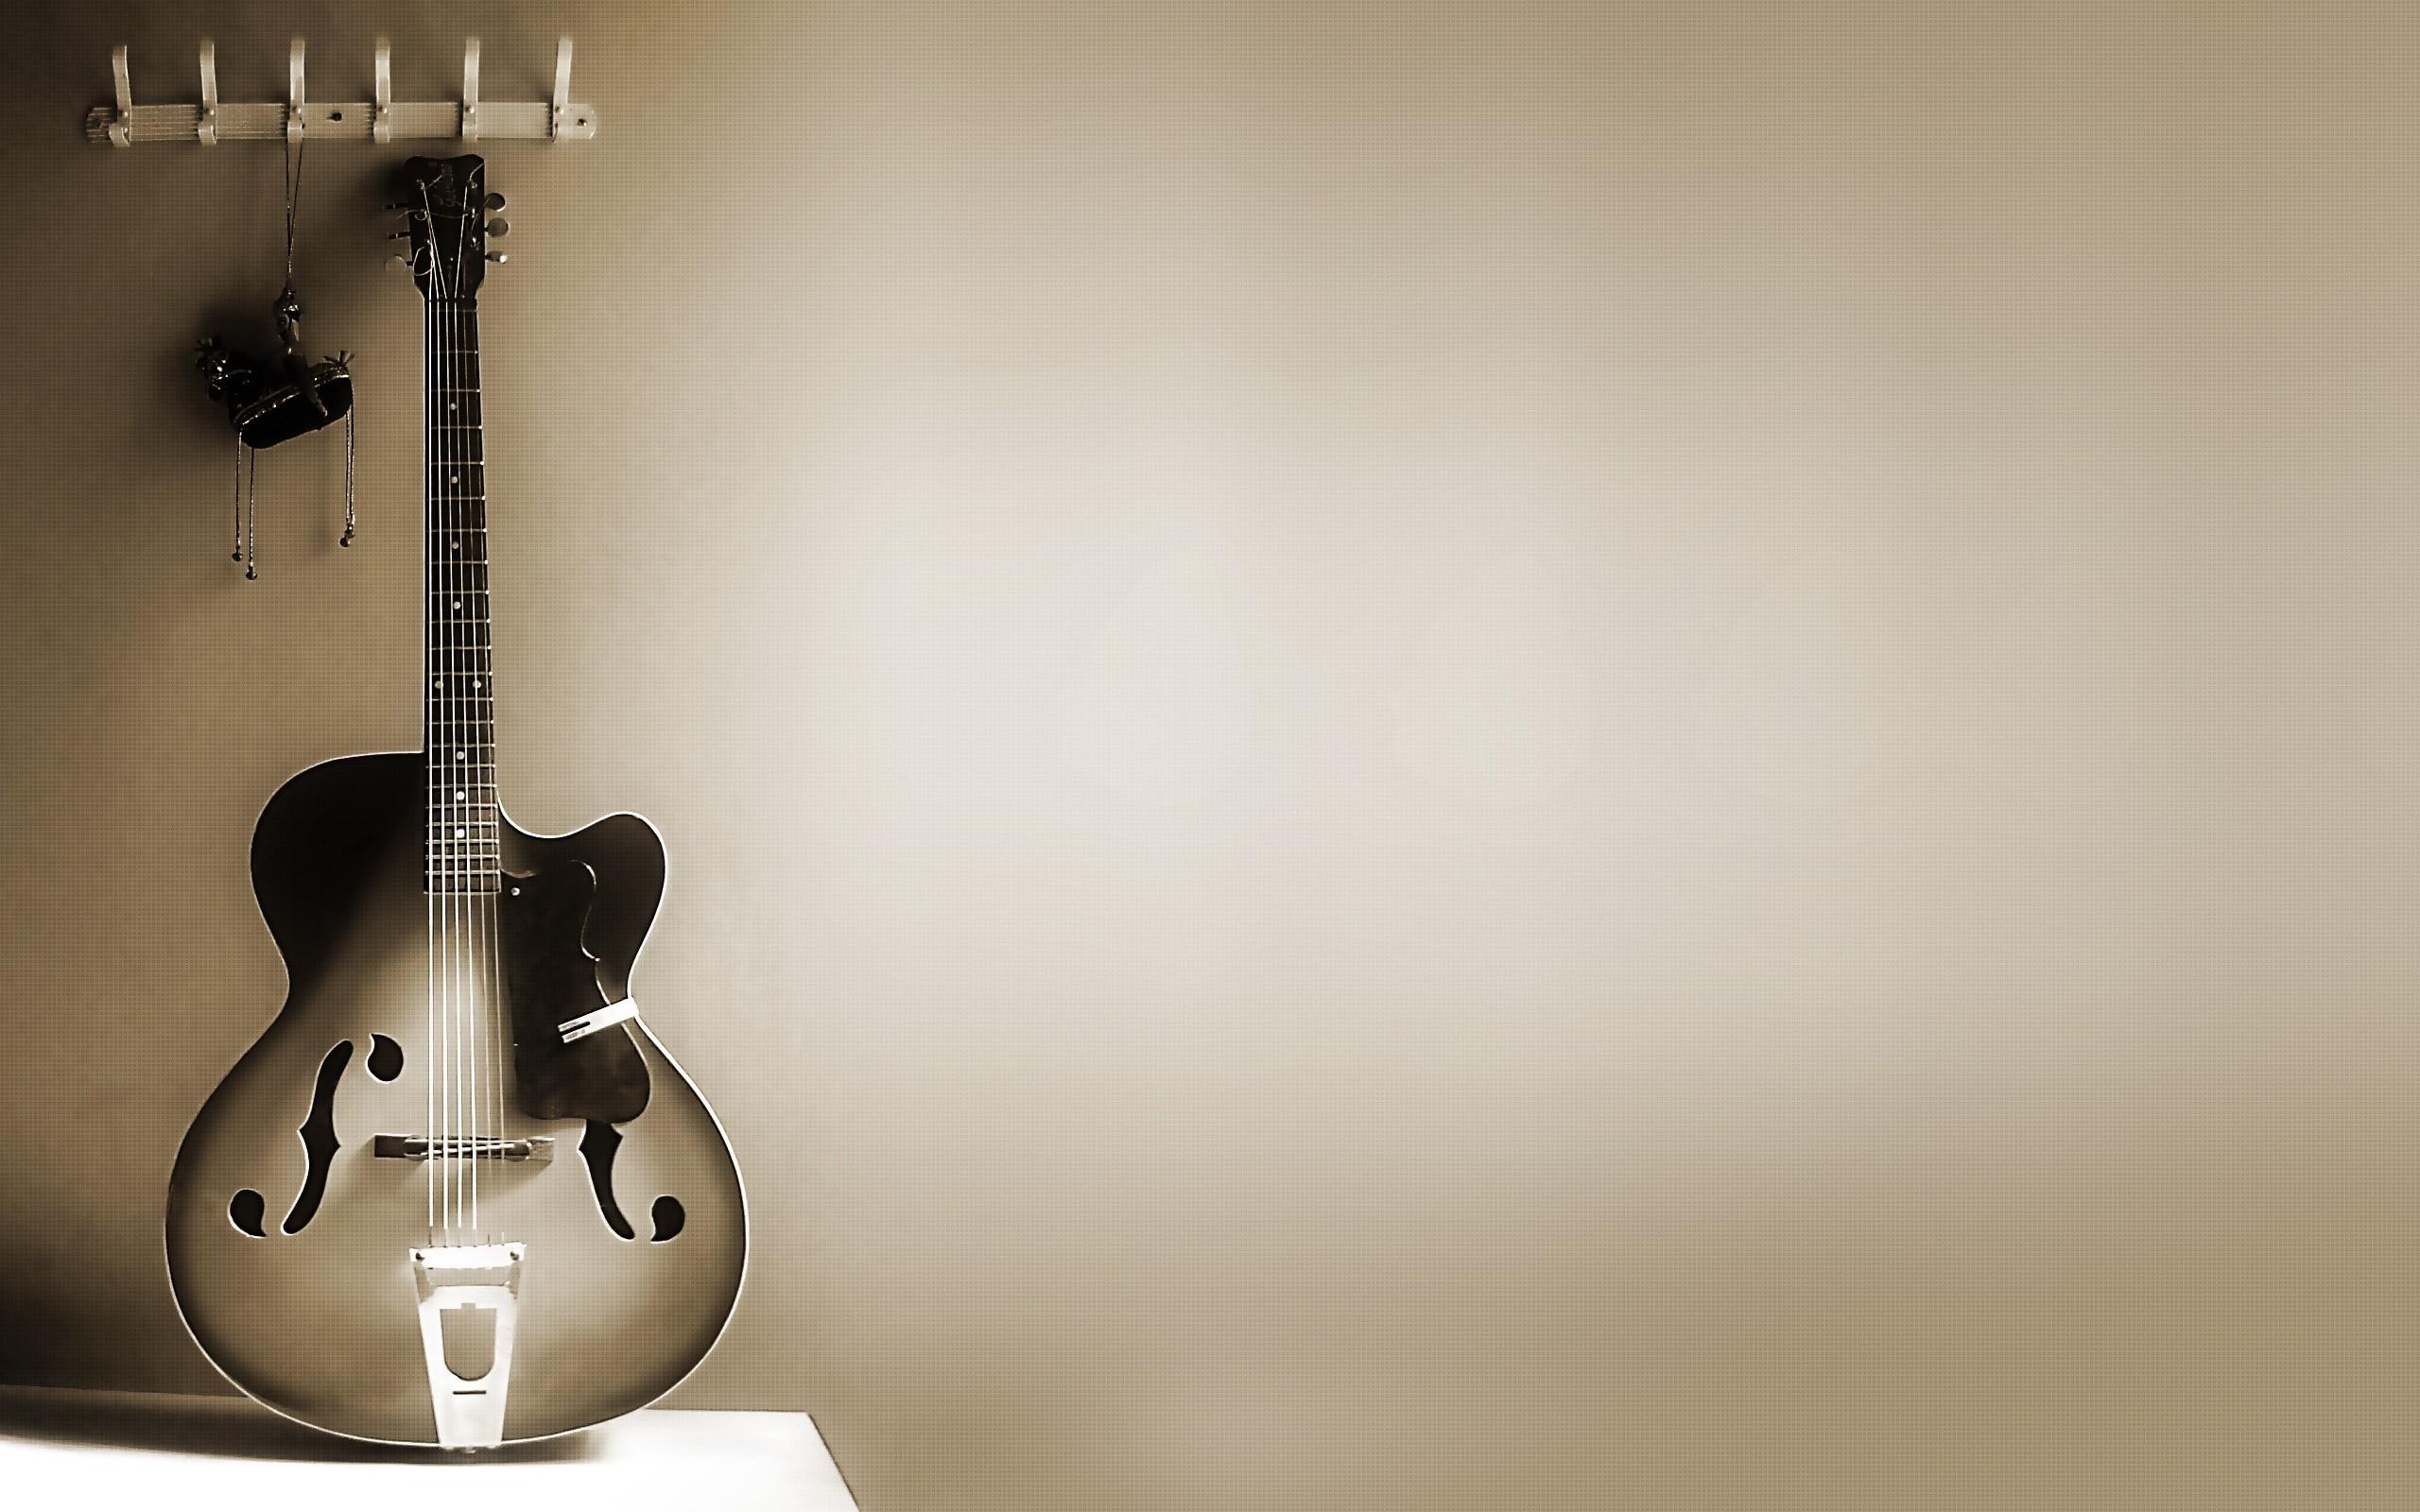 Hermosa Guitarra - 2560x1600